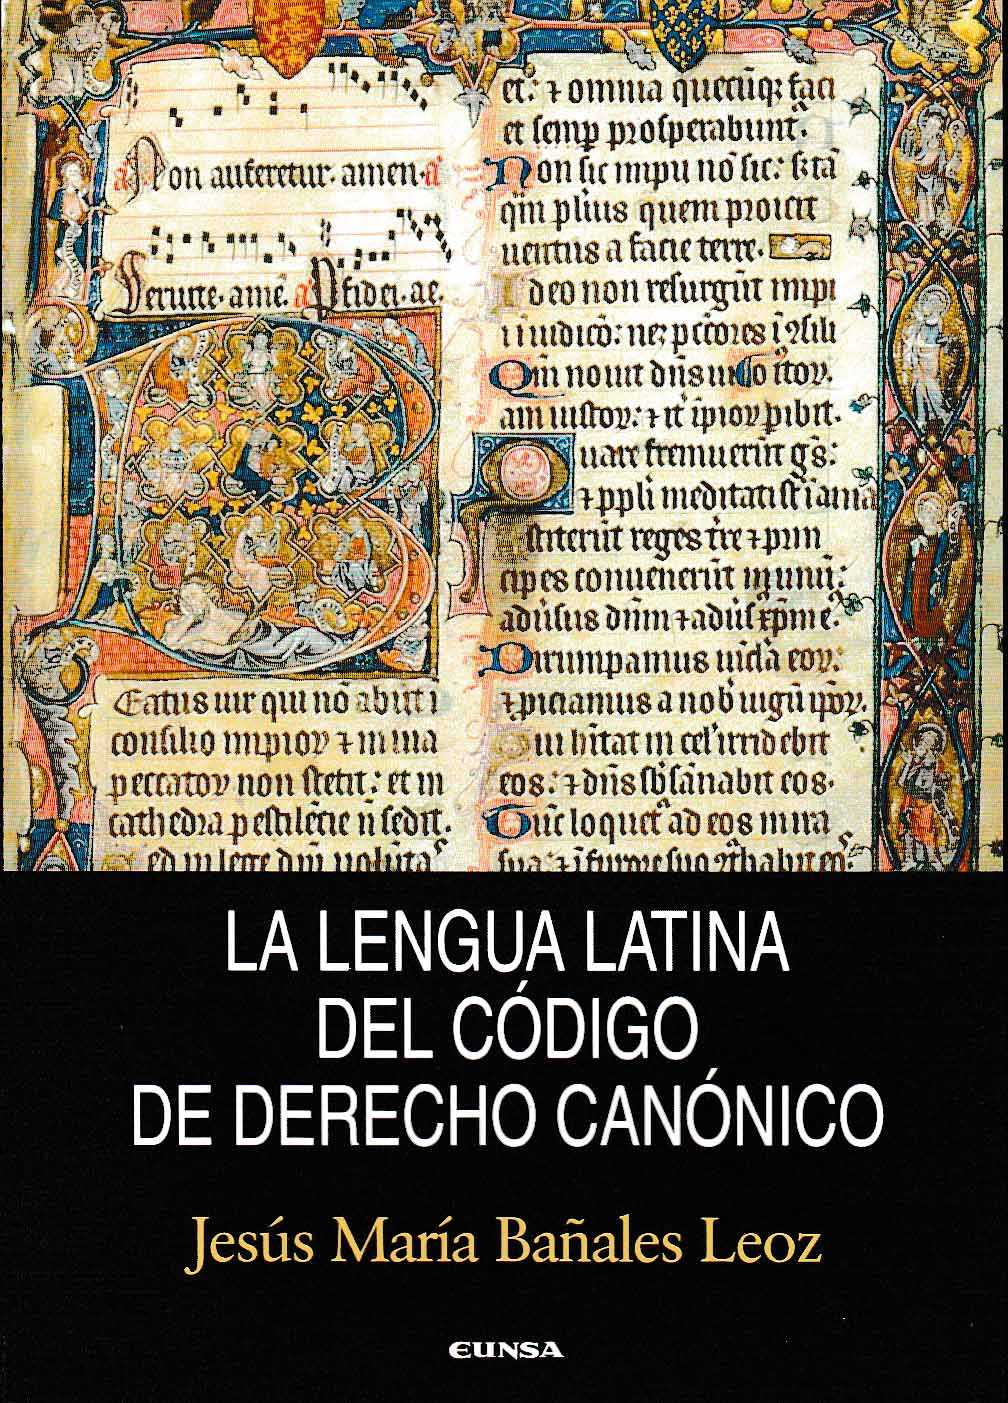 LA LENGUA LATINA DEL CÓDIGO DE DERECHO CANÓNICO